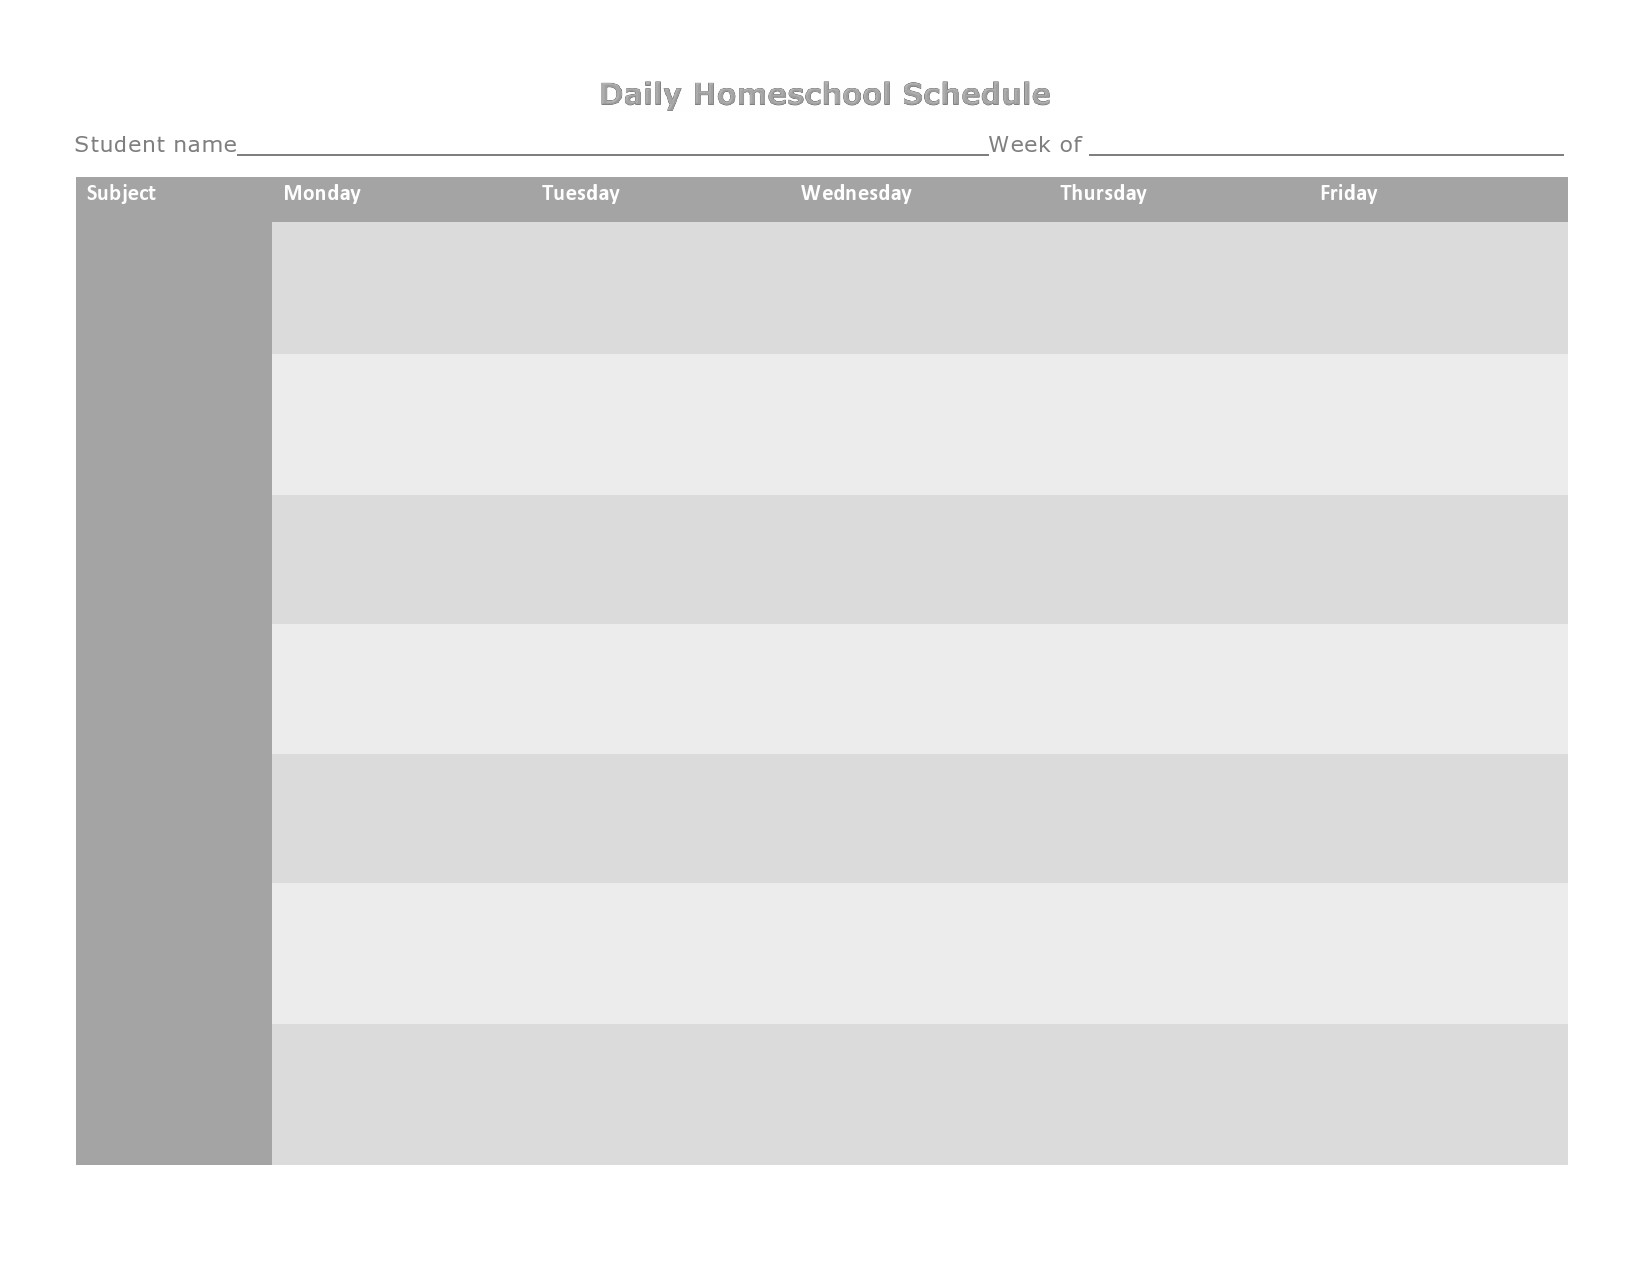 Free homeschool schedule template 08